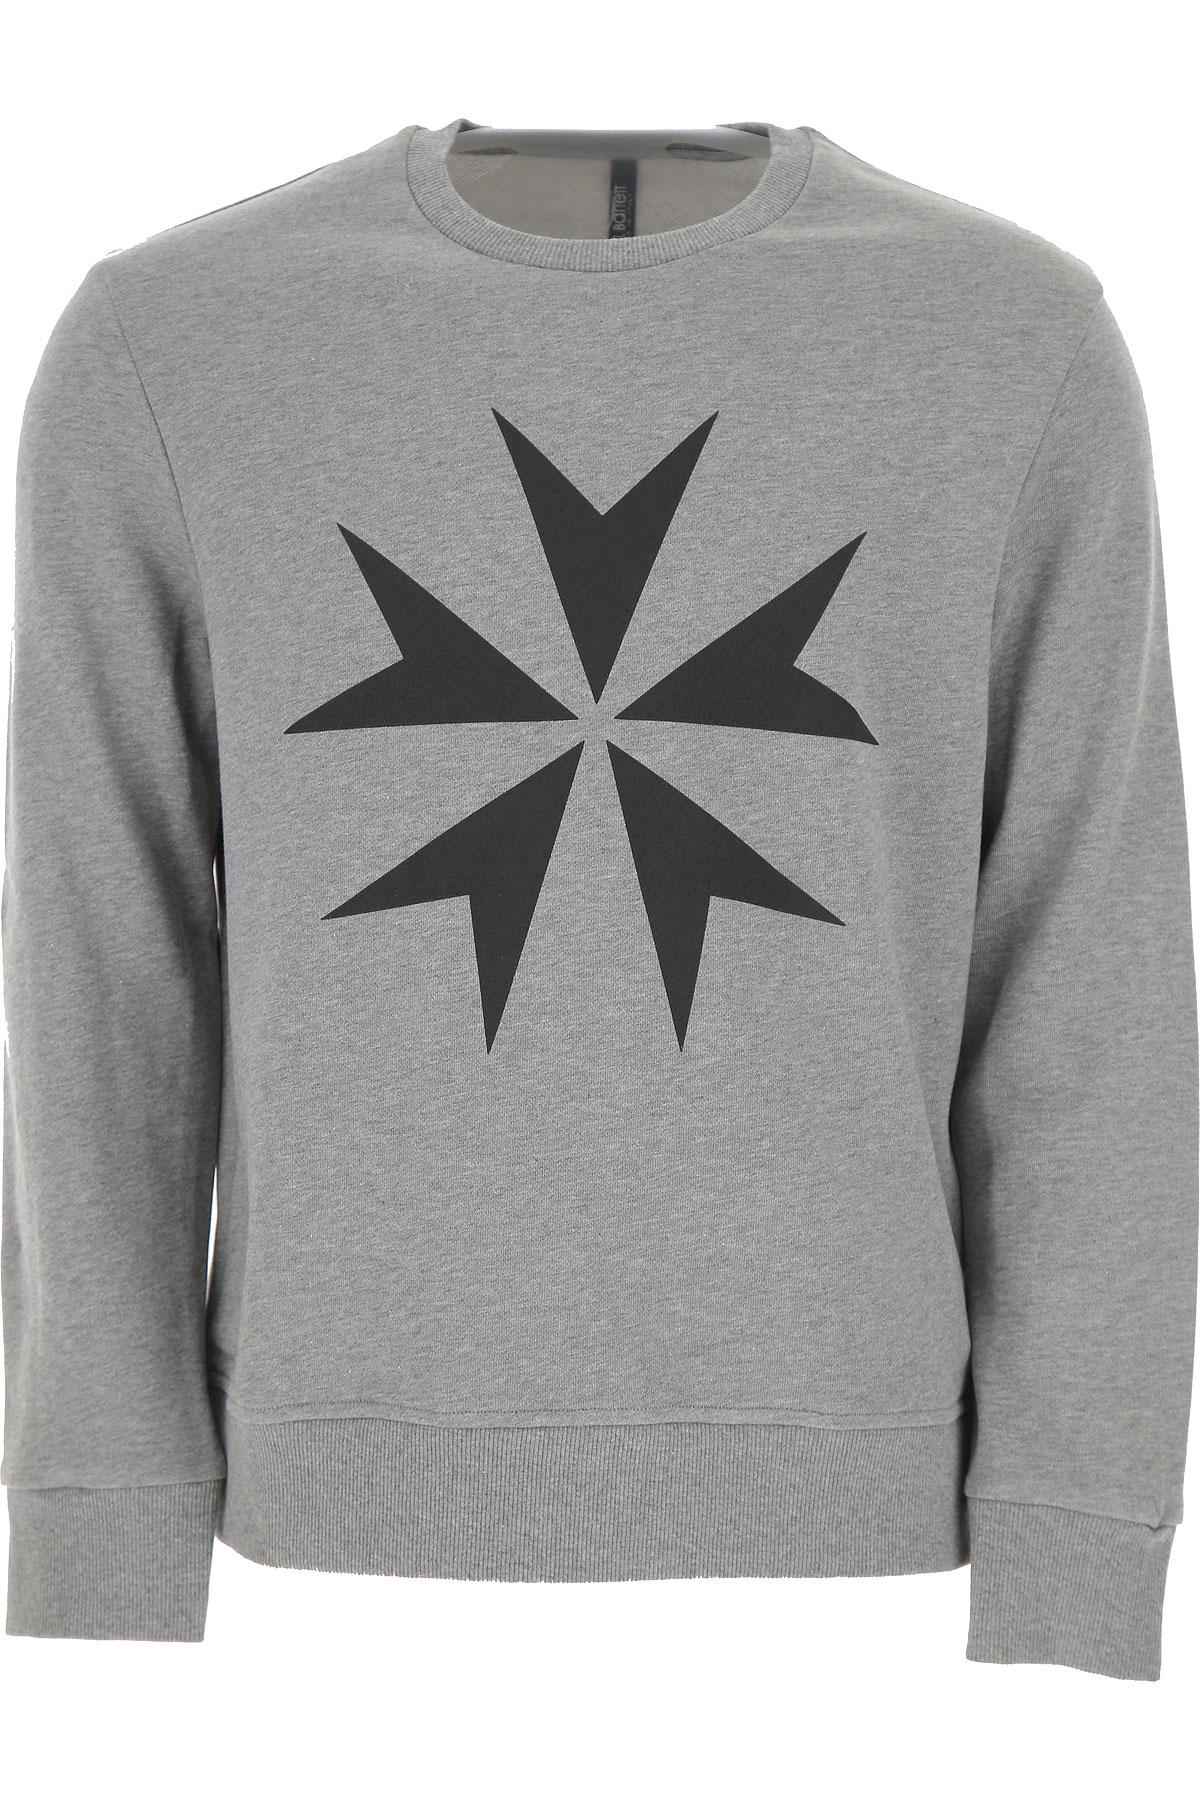 Neil Barrett Sweatshirt for Men On Sale in Outlet, Grey, Cotton, 2019, L S